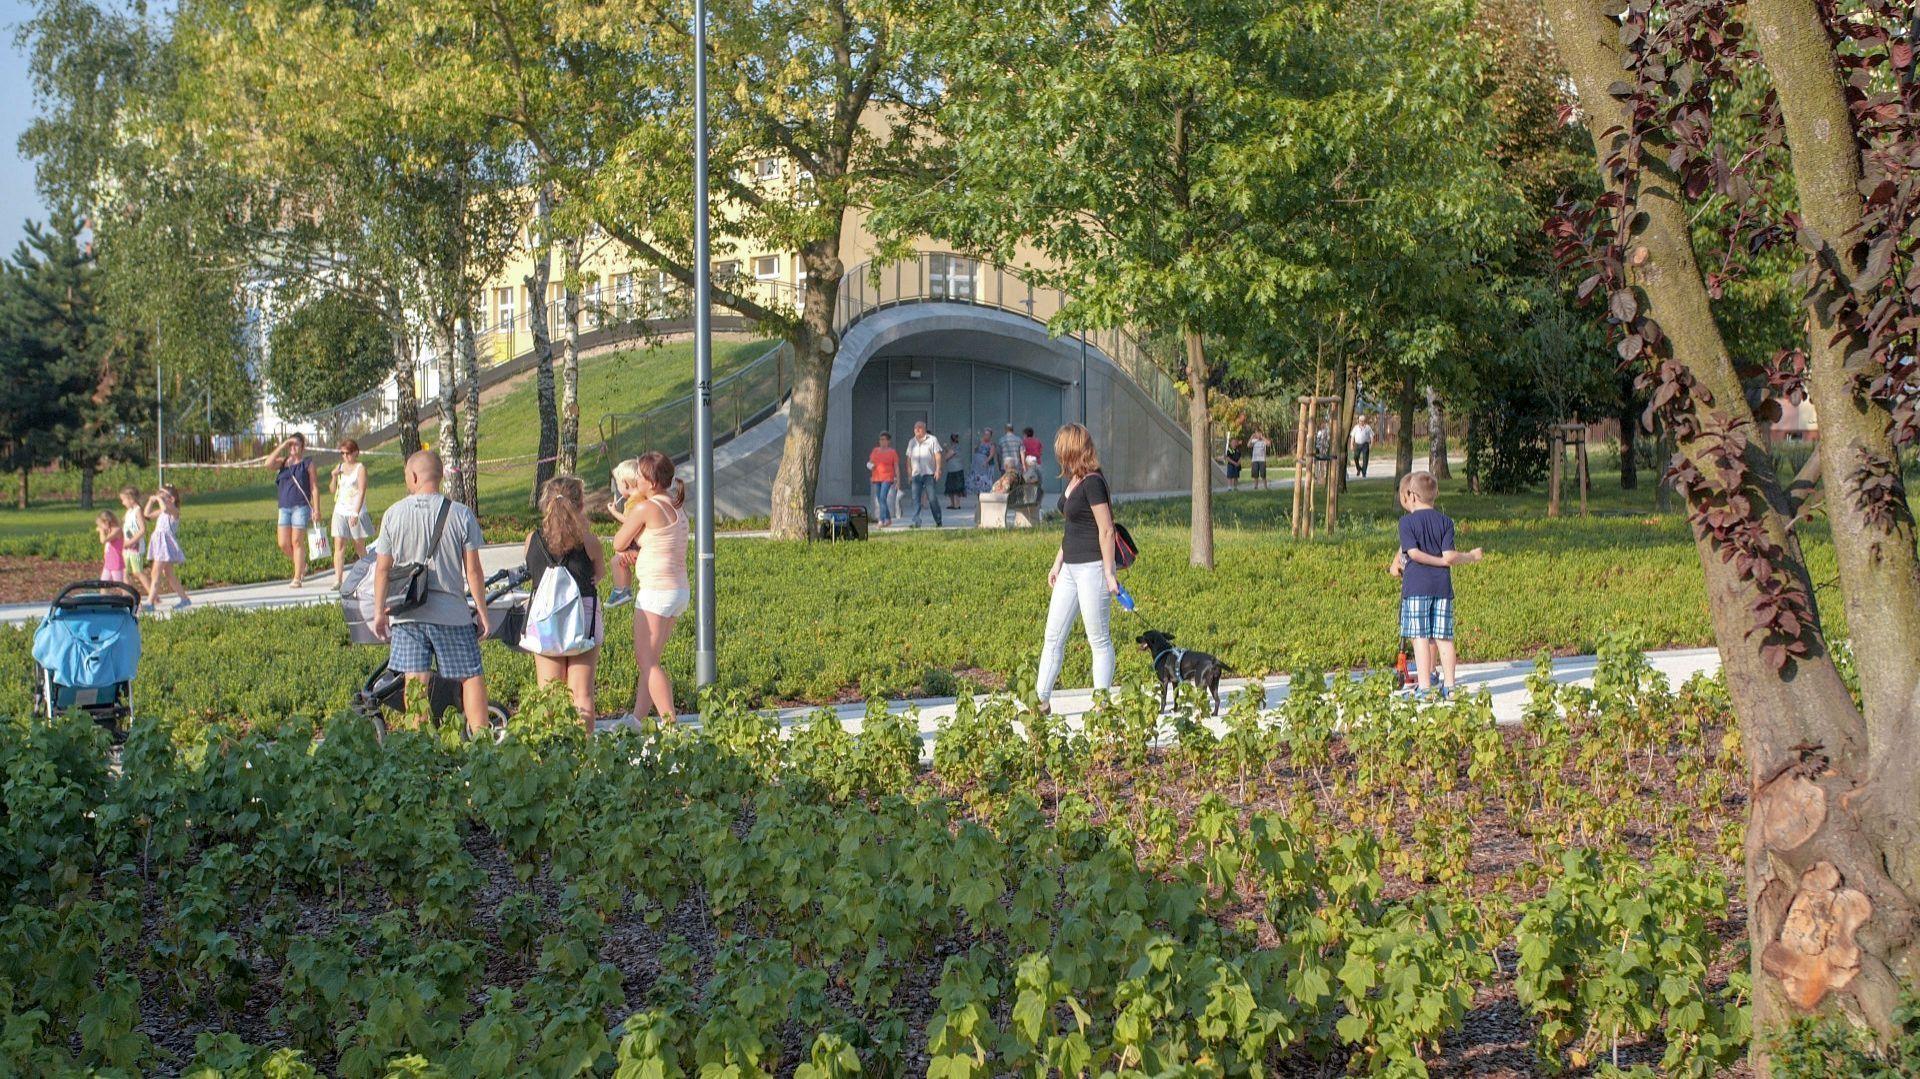 Toaleta publiczna w Płocku/Geberit. Wyróżnienie w kategorii Wętrza Publiczne